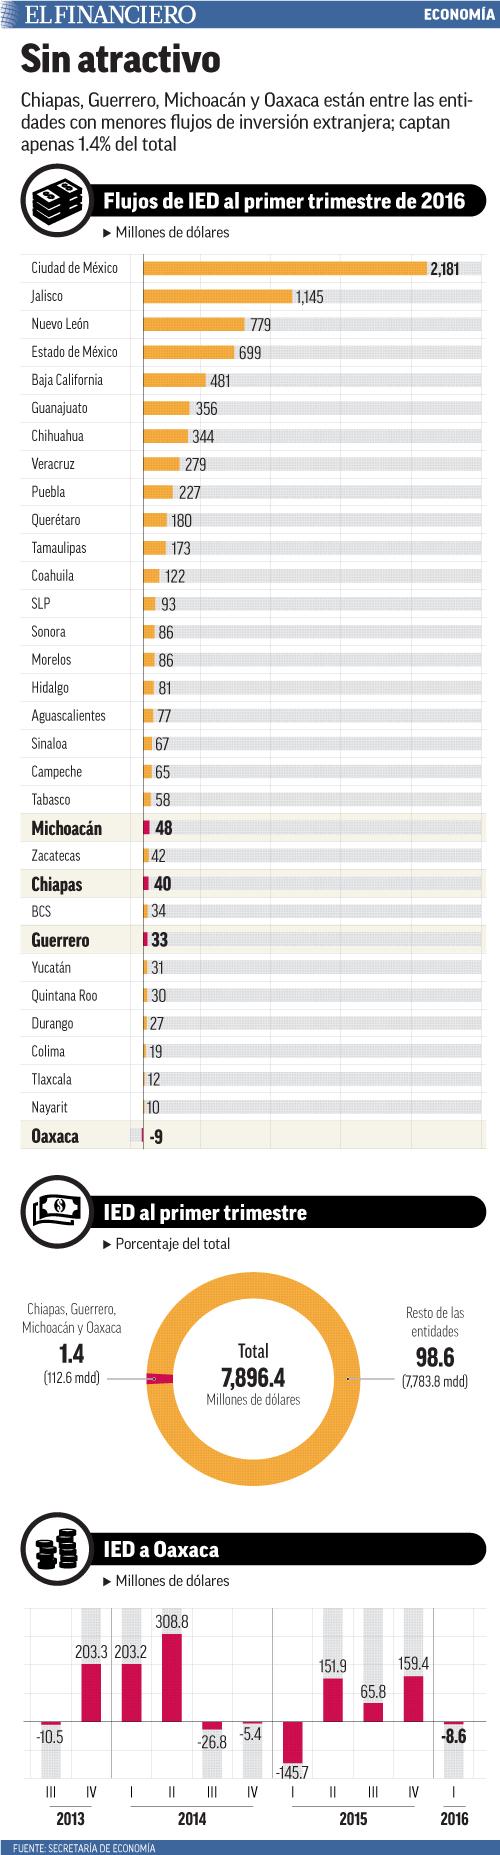 Chiapas, Guerrero, Michoacán y Oaxaca están entre las entidades con menores flujos de inversión extranjera; captan apenas 1.4% del total